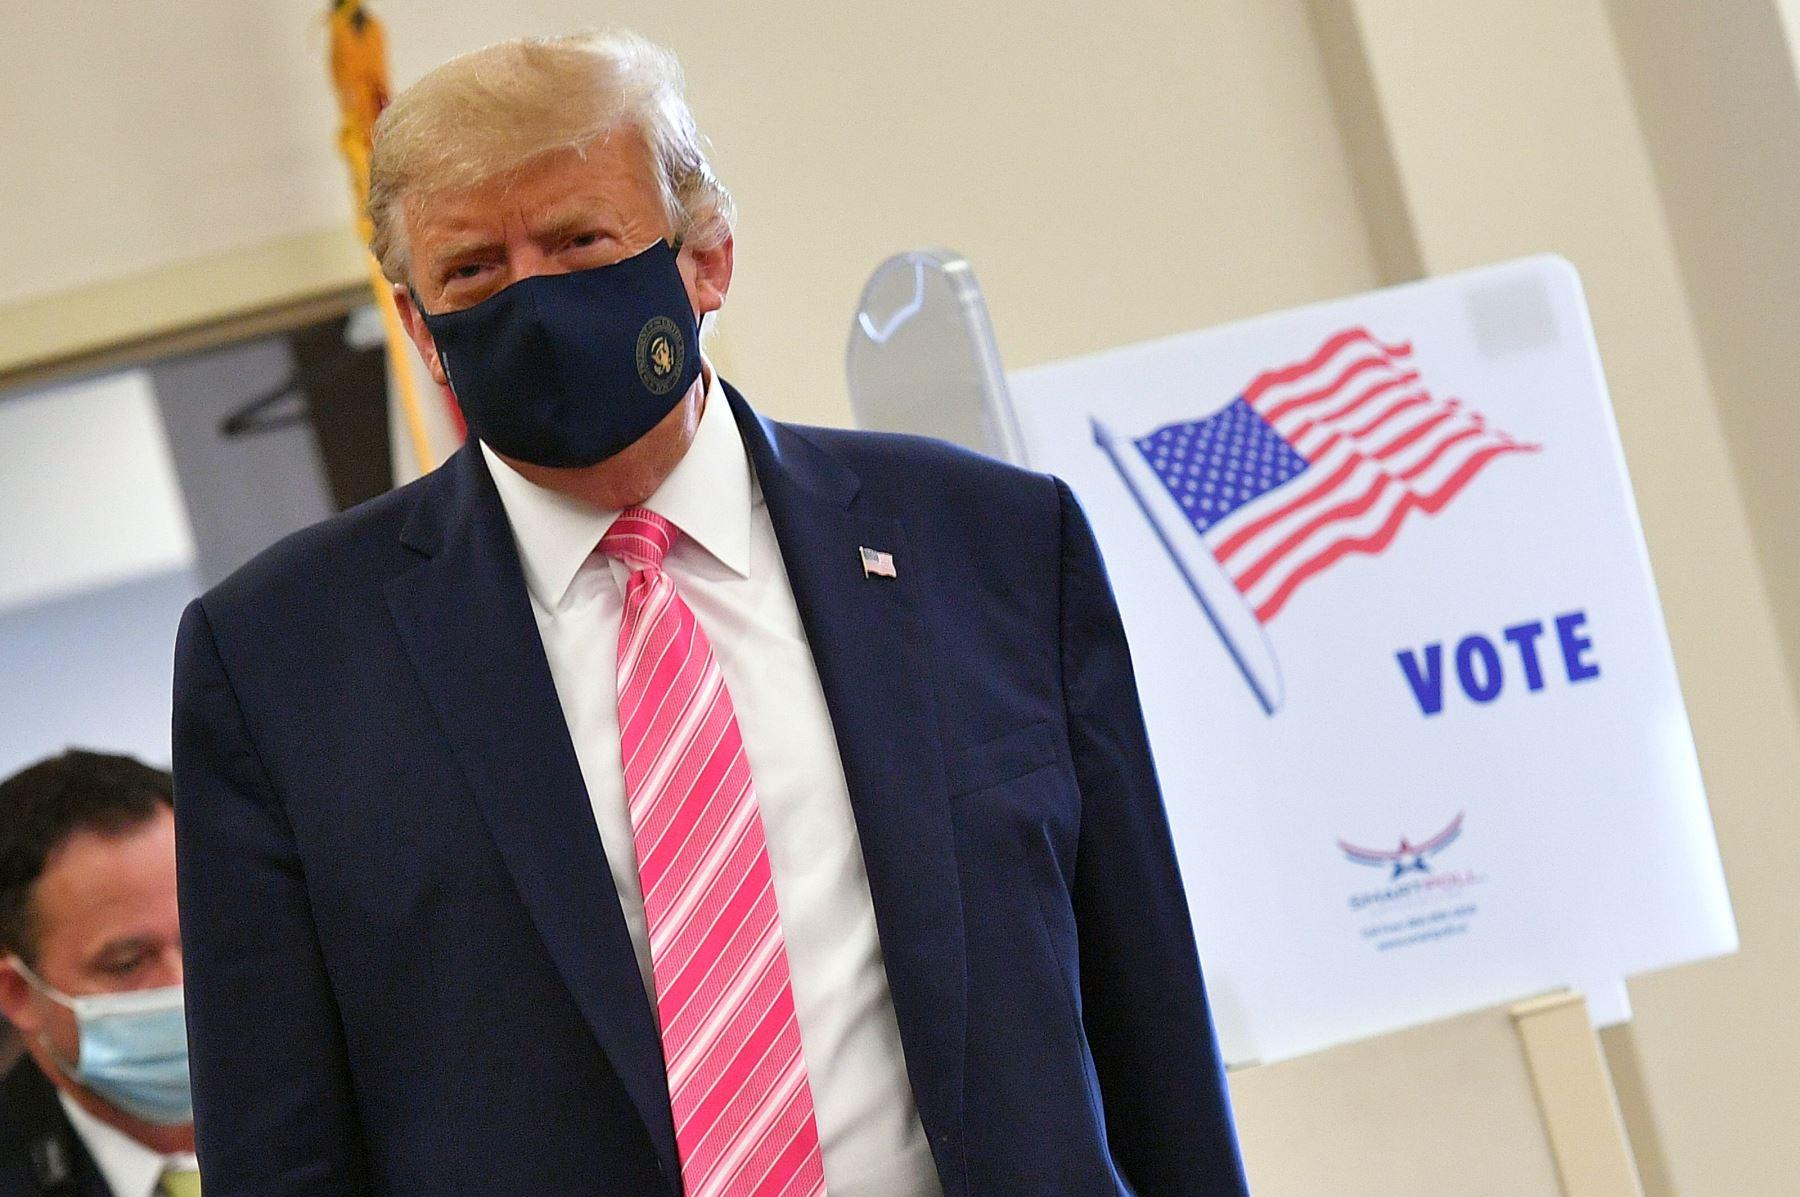 El presidente de los Estados Unidos, Donald Trump, llega al colegio electoral para emitir su voto en la Biblioteca Pública del Condado de Palm Beach, durante la votación anticipada para las elecciones del 3 de noviembre, en West Palm Beach, Florida. Foto: AFP